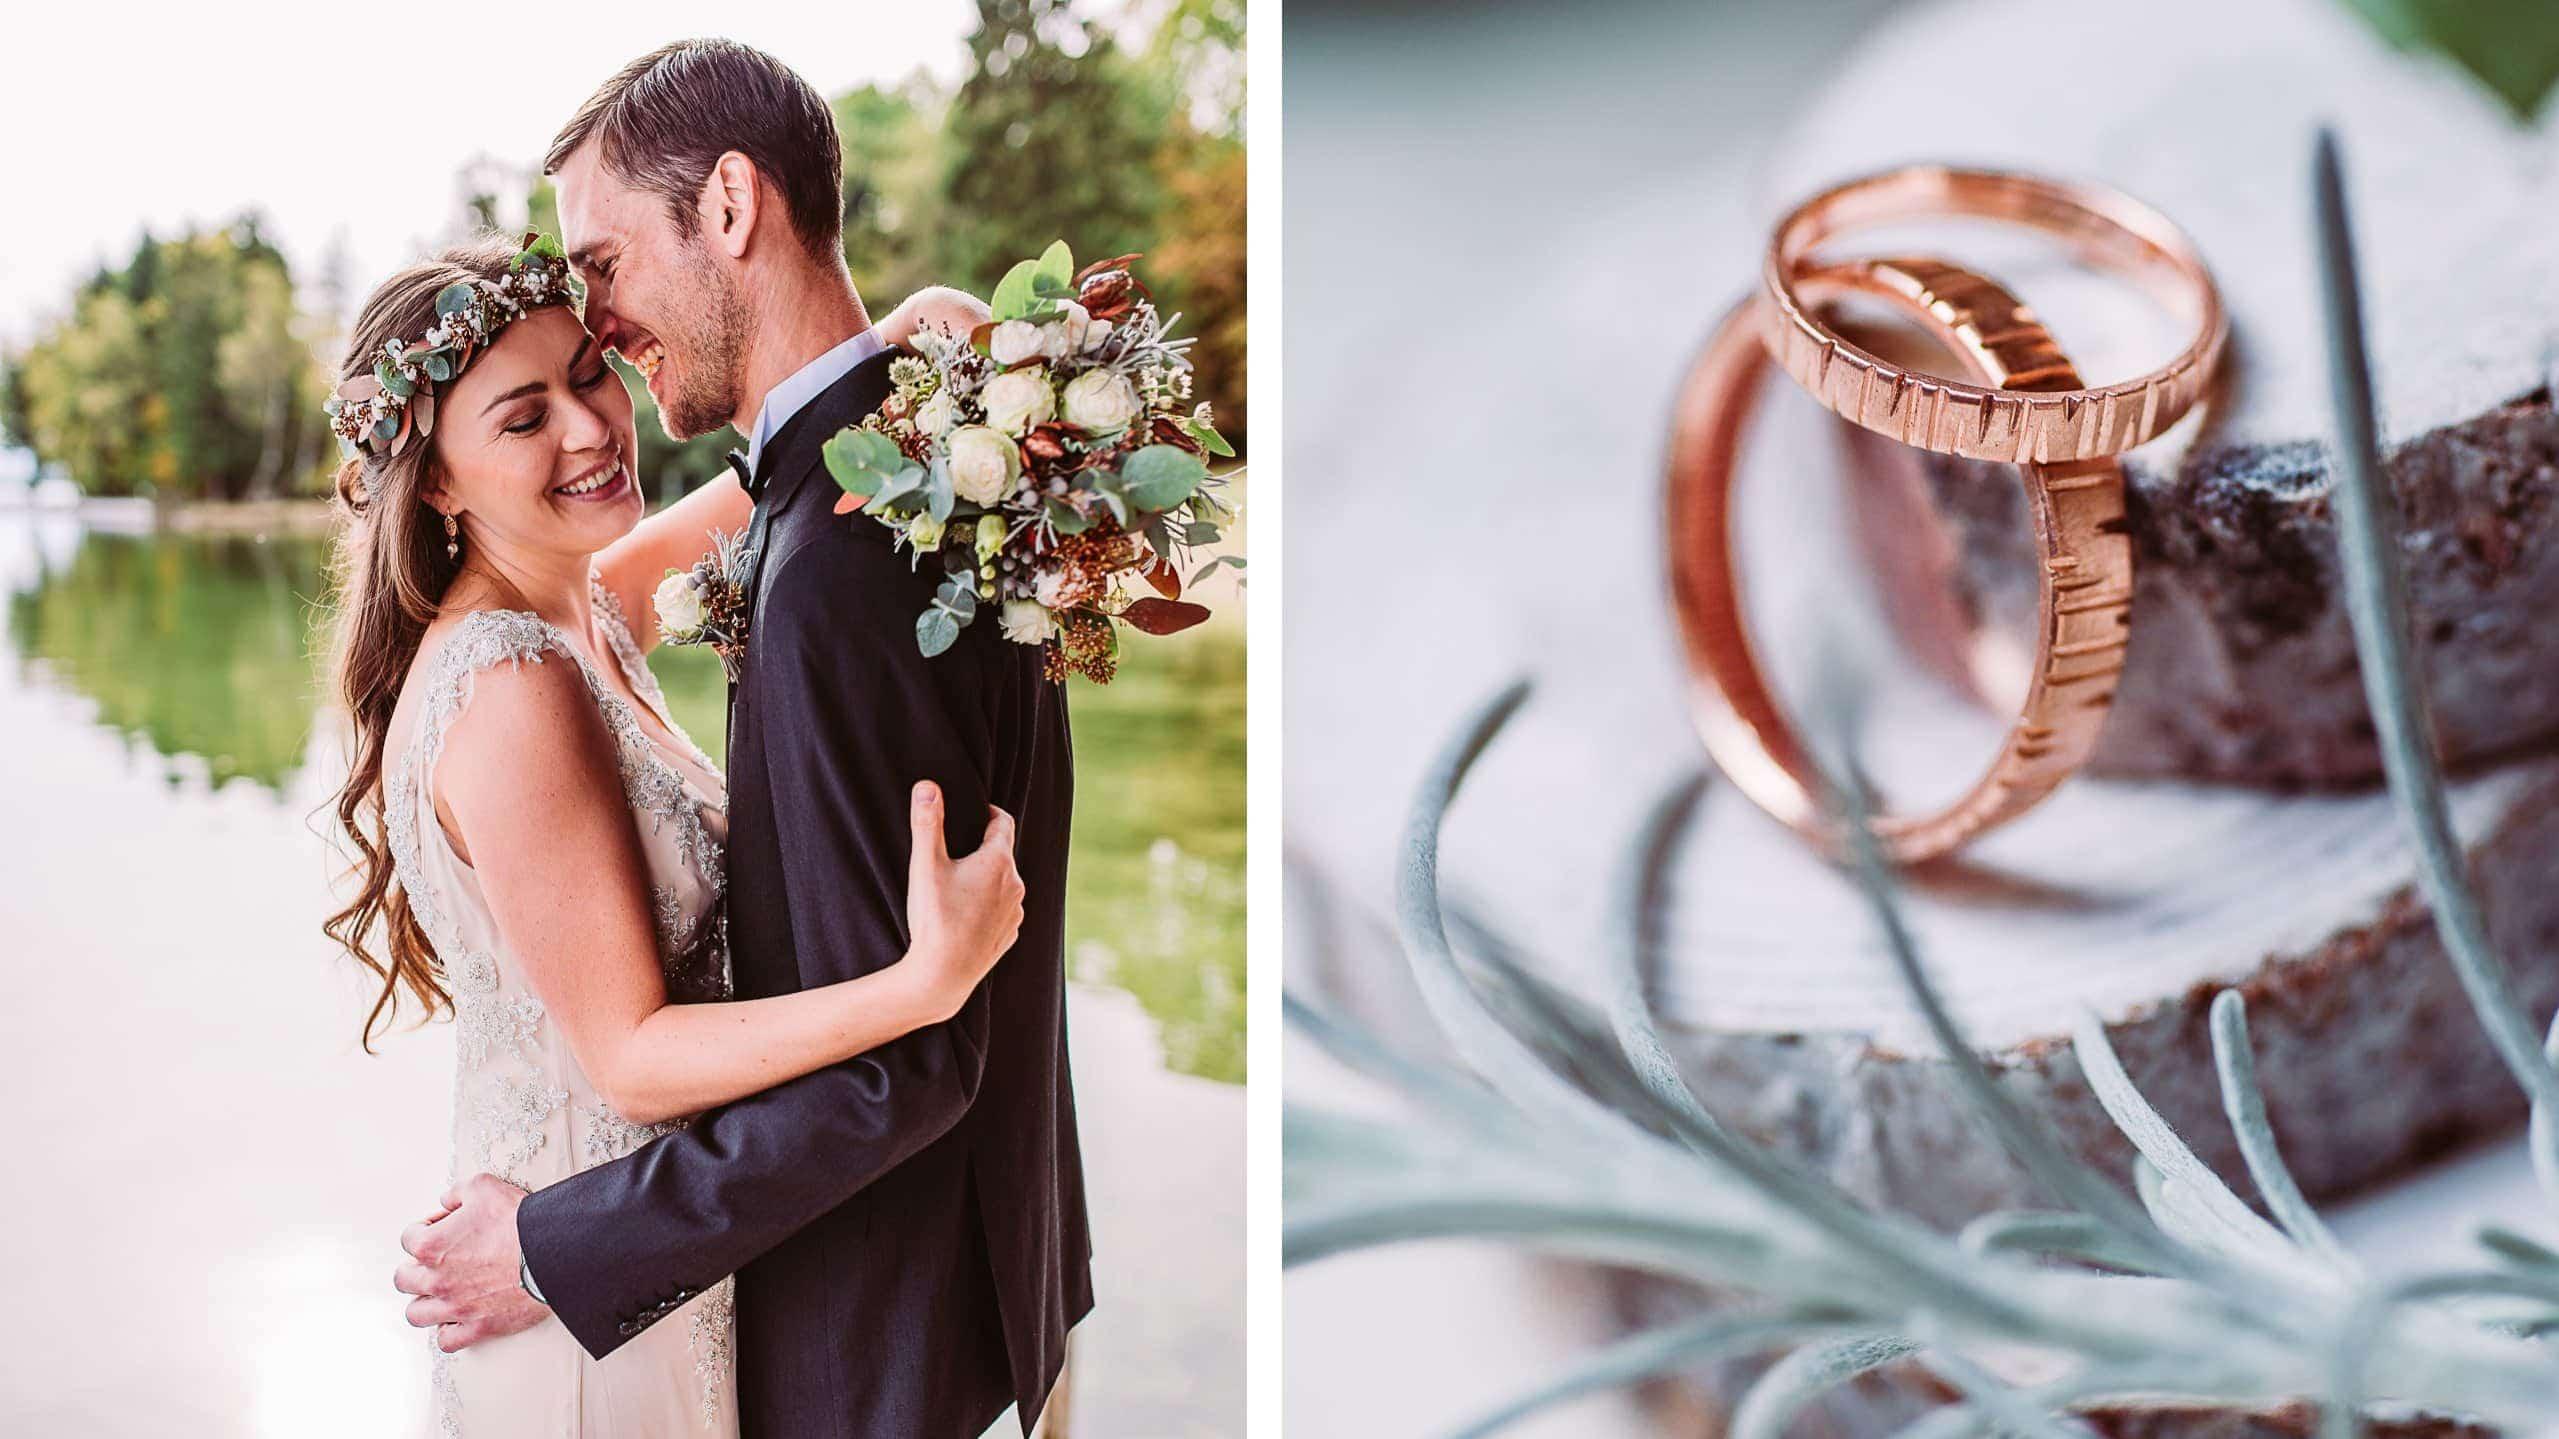 Hochzeitspaar tanzend am Steg im LaVilla, besondere Ringe als Detail, Eheringe